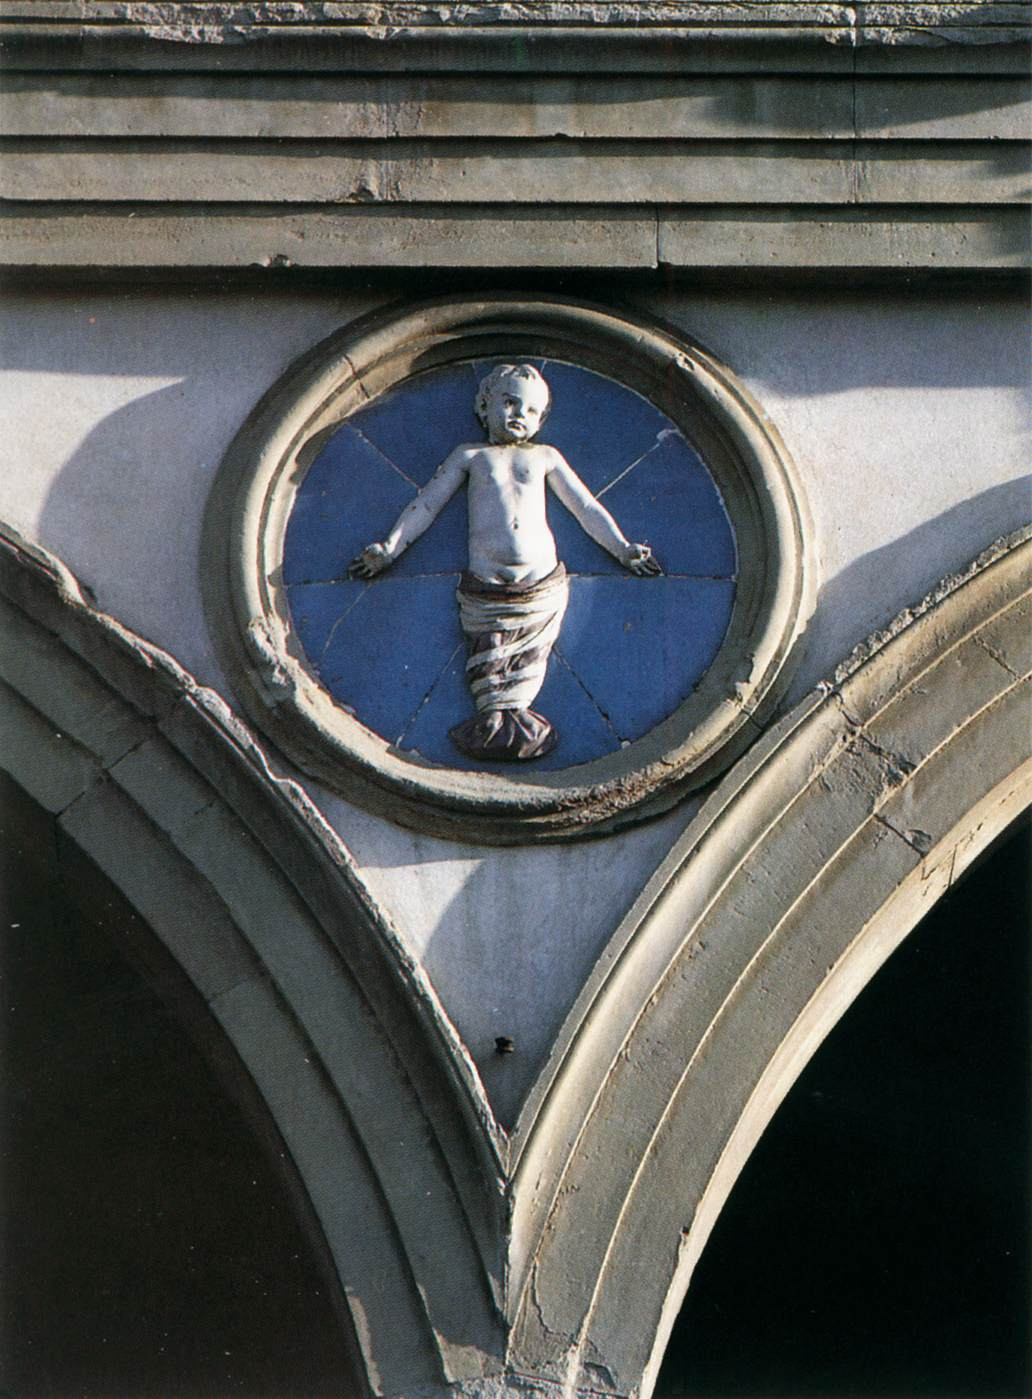 Tondo, Andrea della Robbia, c. 1487, Ospedale degli Innocenti, Florence